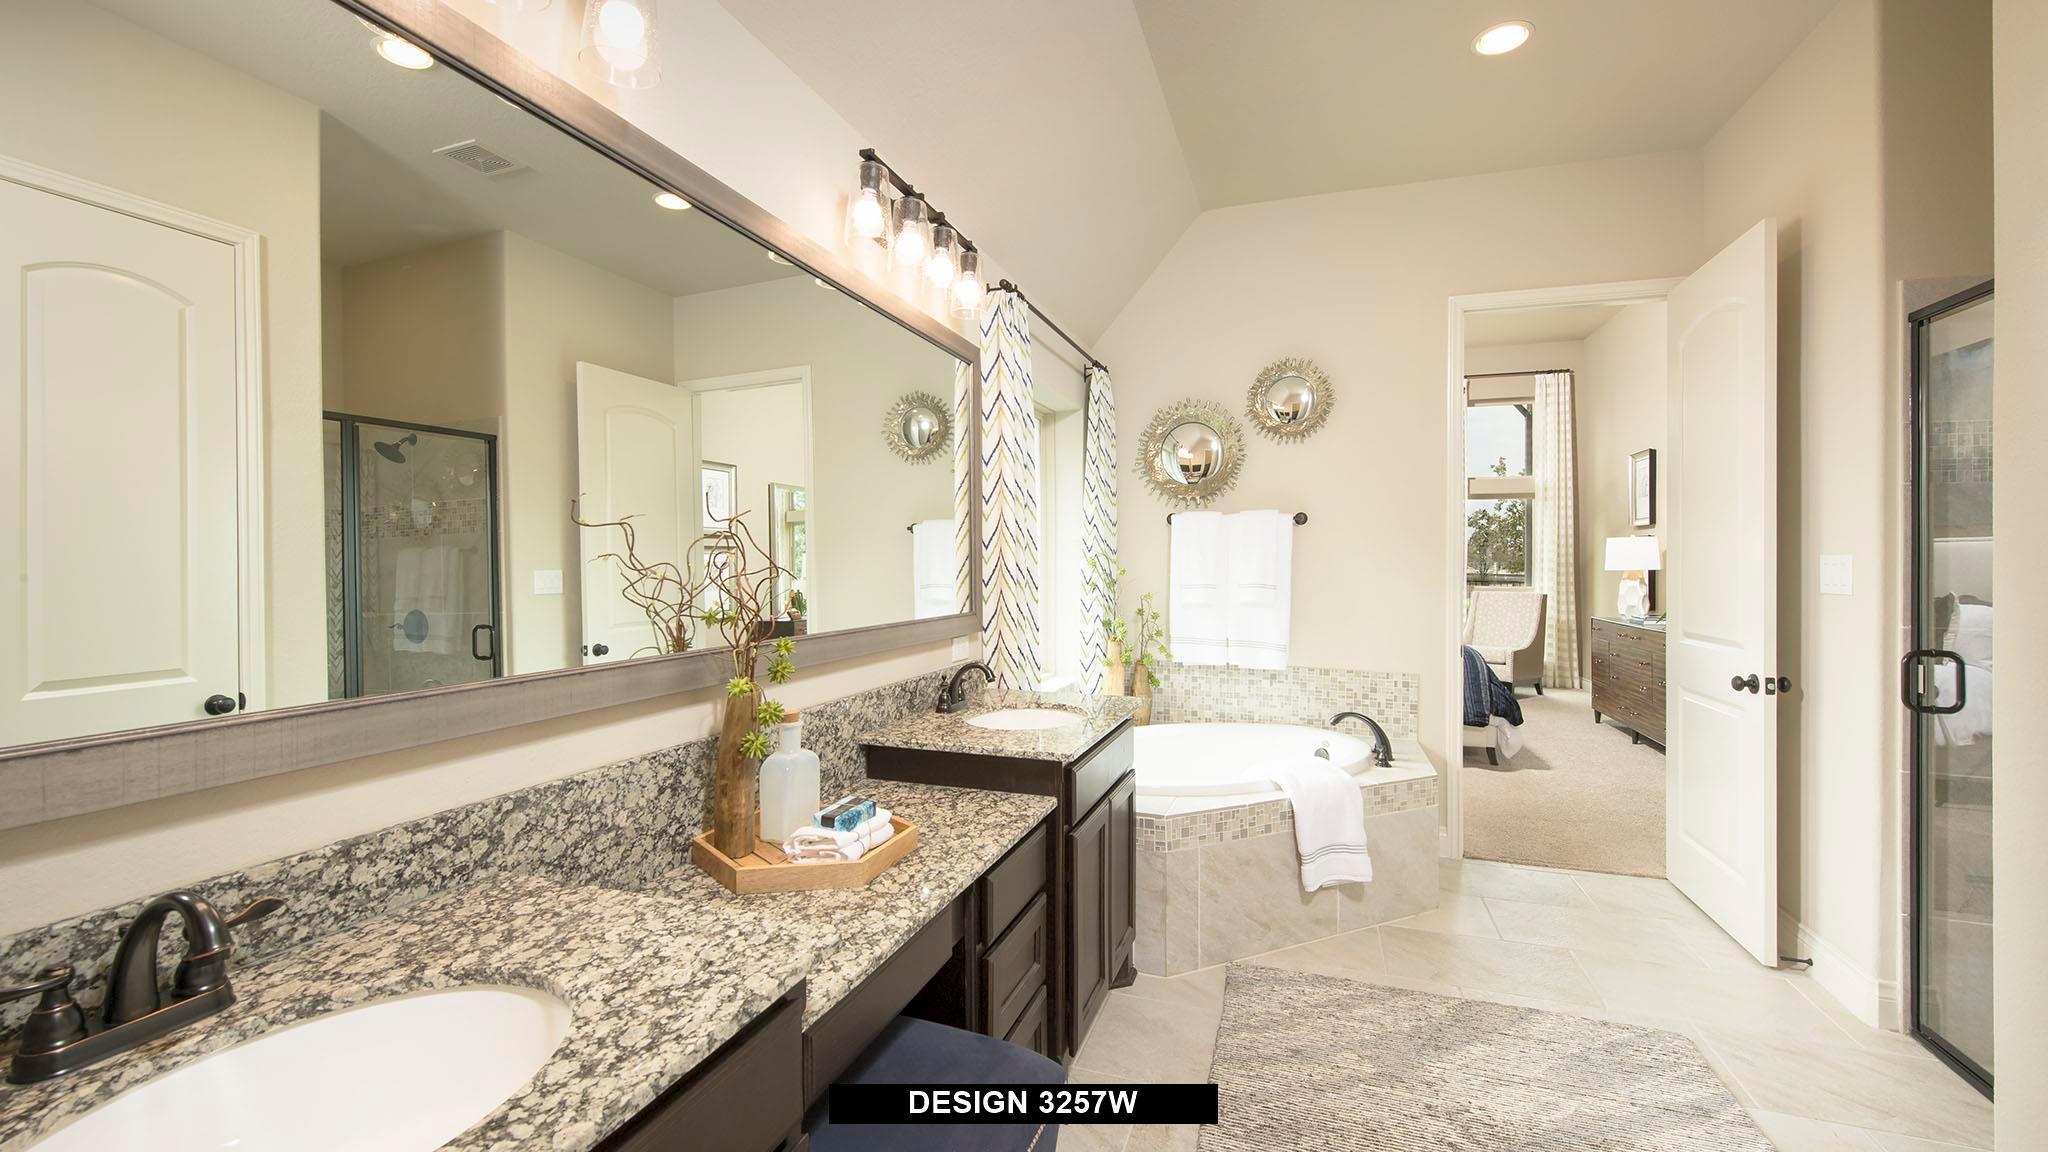 Bathroom-in-3257W-at-Glen Crossing 60'-in-Celina